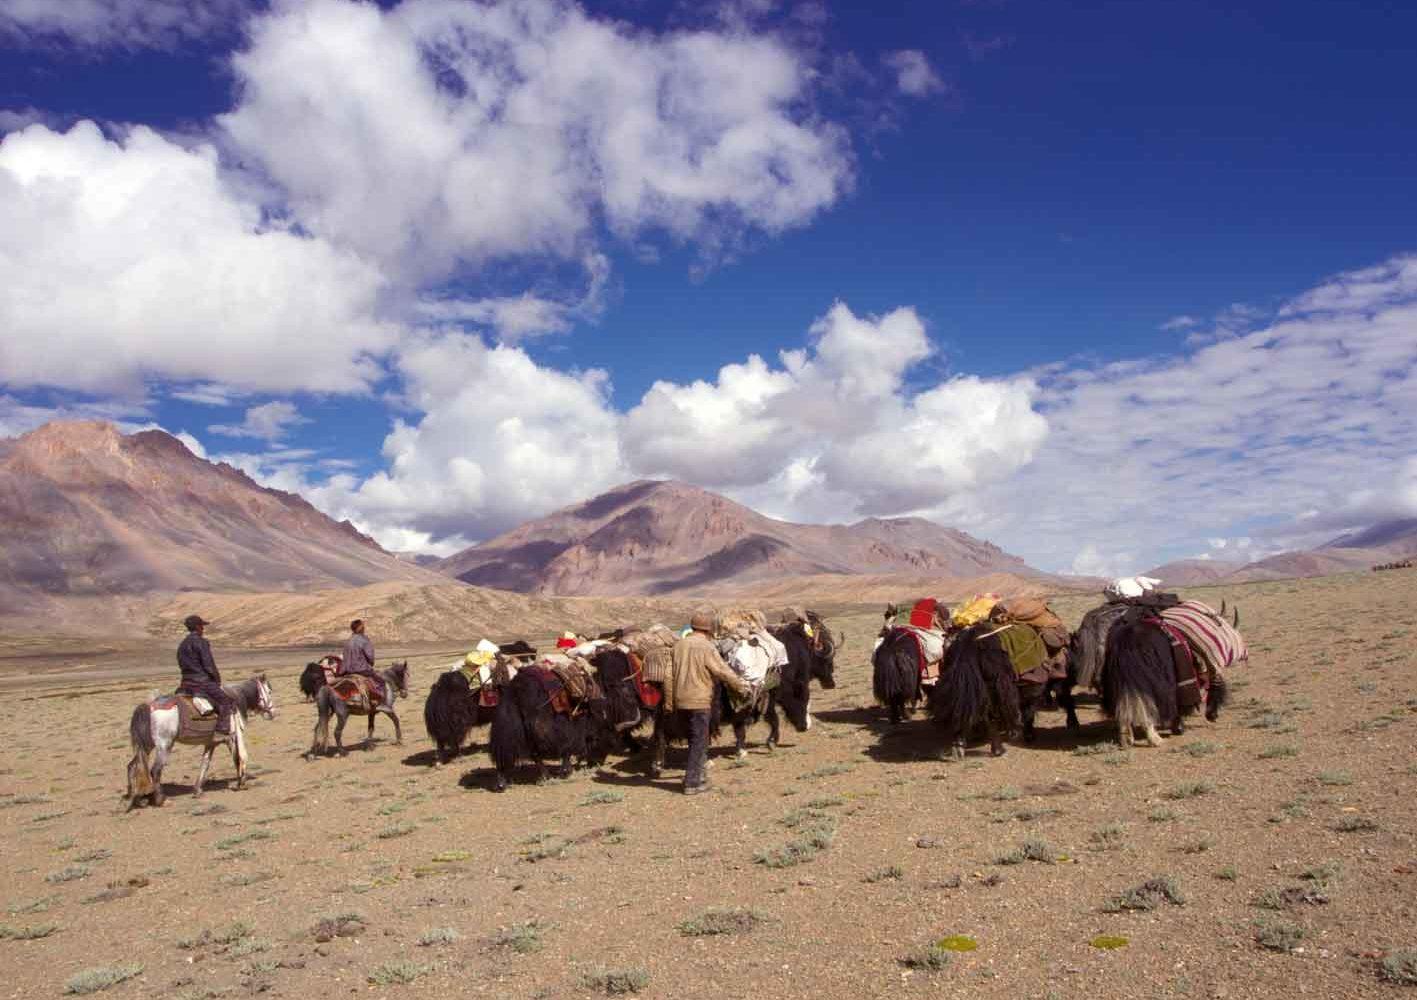 Ladakh: Auf der Hochebene begegnen wir Nomaden mit ihren Herden.